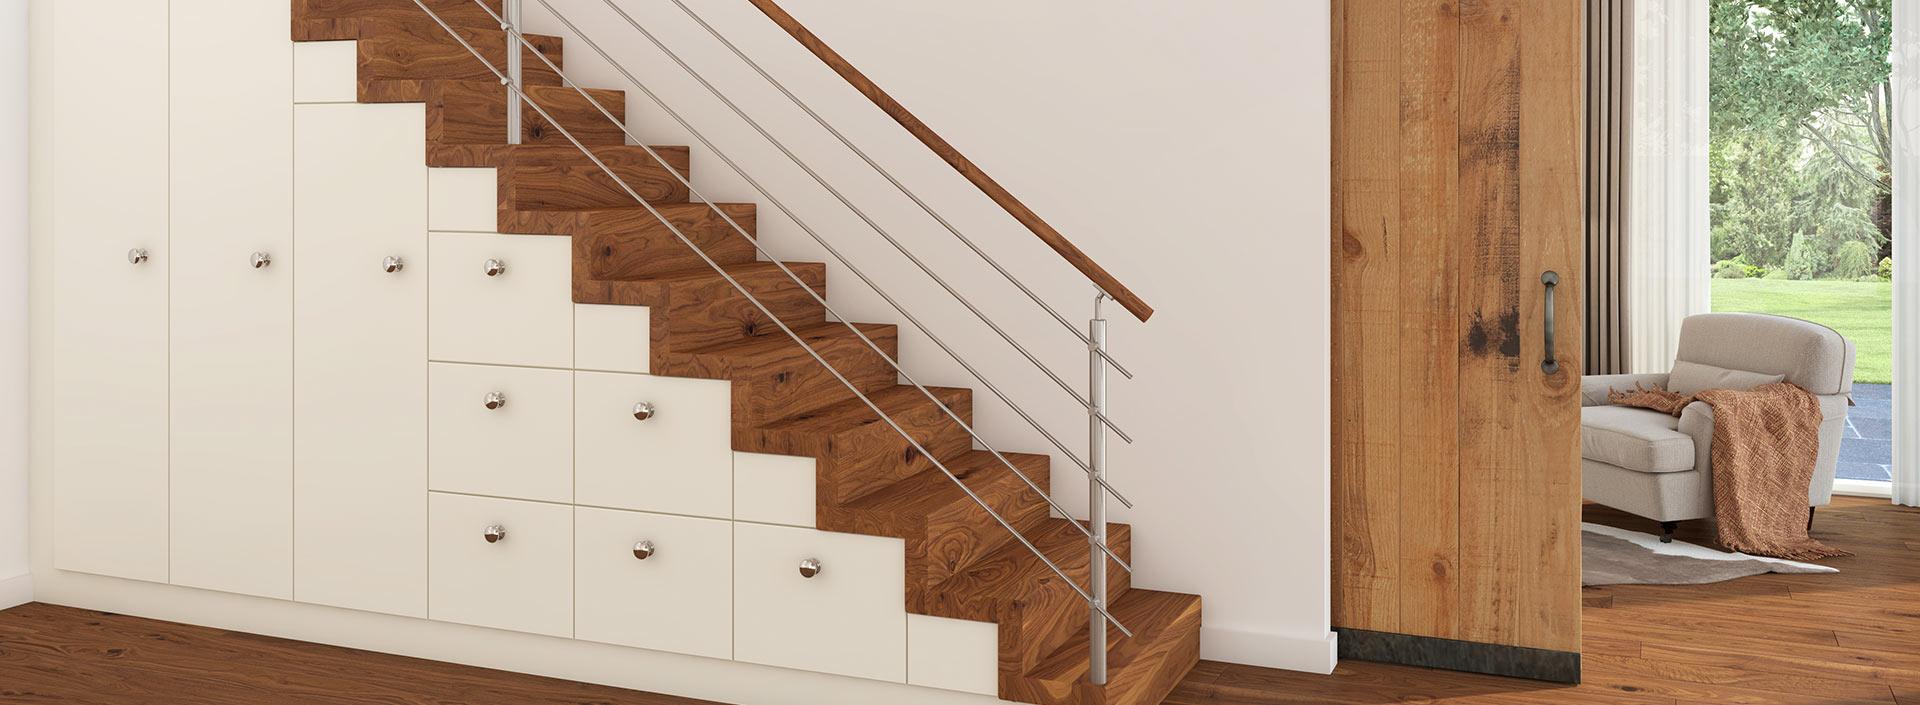 Treppenbau Schön